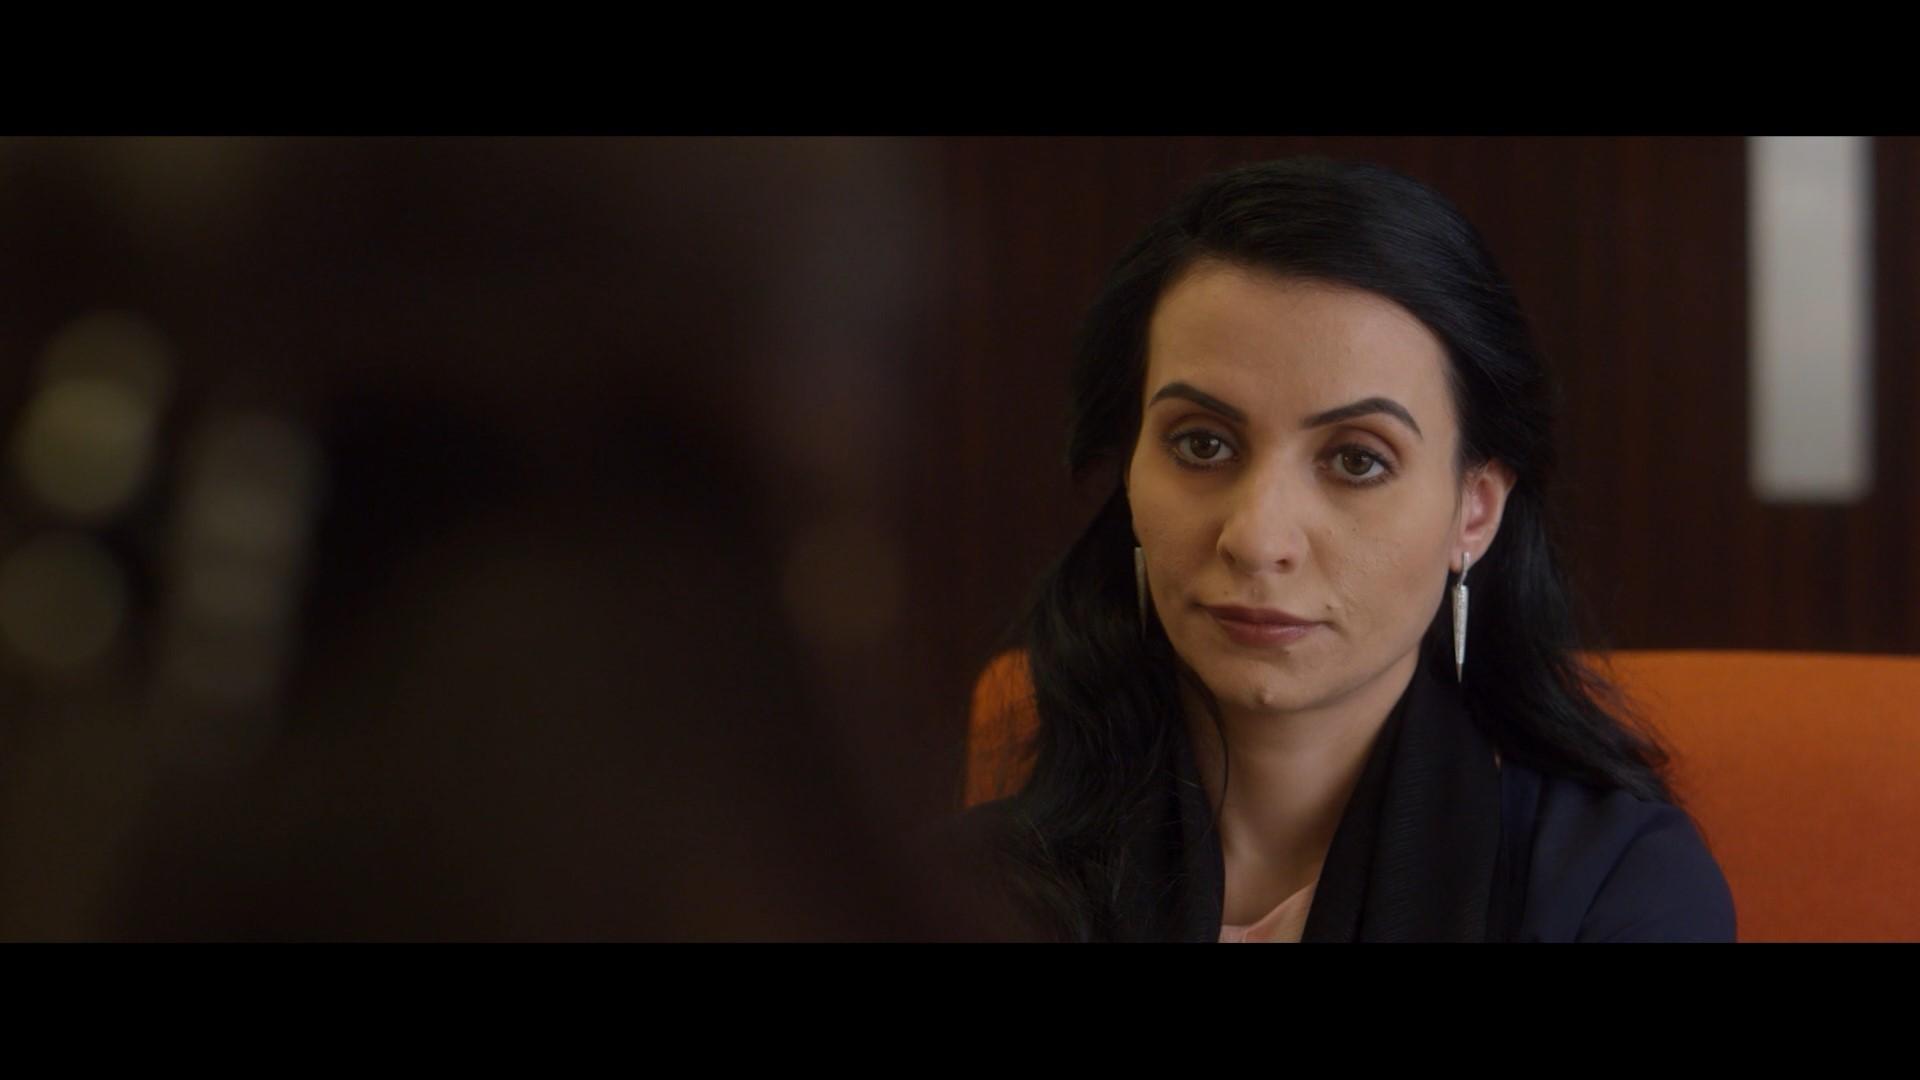 [فيلم][تورنت][تحميل][عرض سمين][2019][1080p][HDTV][سعودي] 5 arabp2p.com